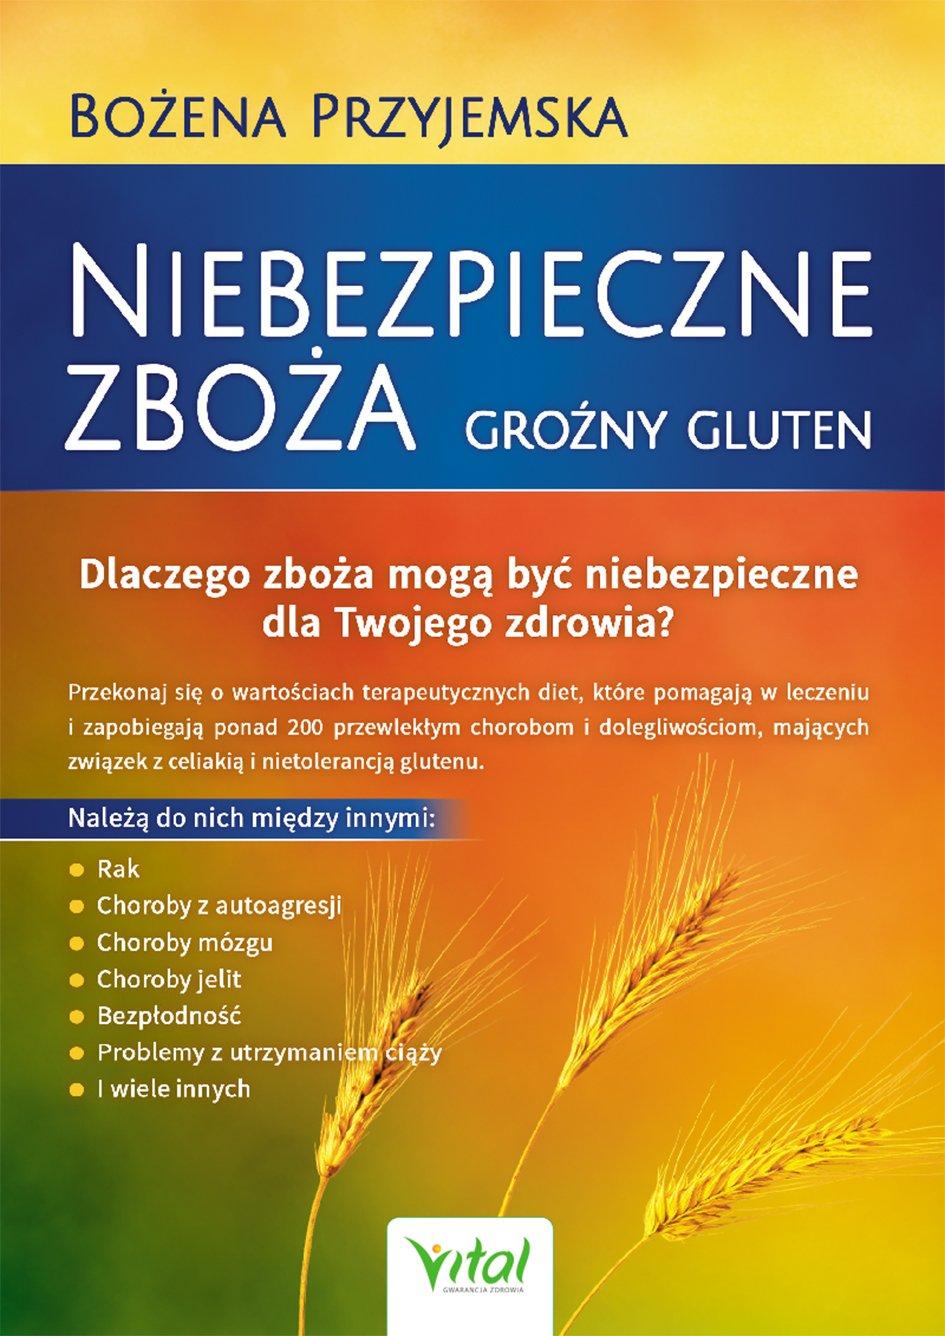 Niebezpieczne zboża. Groźny gluten - Ebook (Książka EPUB) do pobrania w formacie EPUB